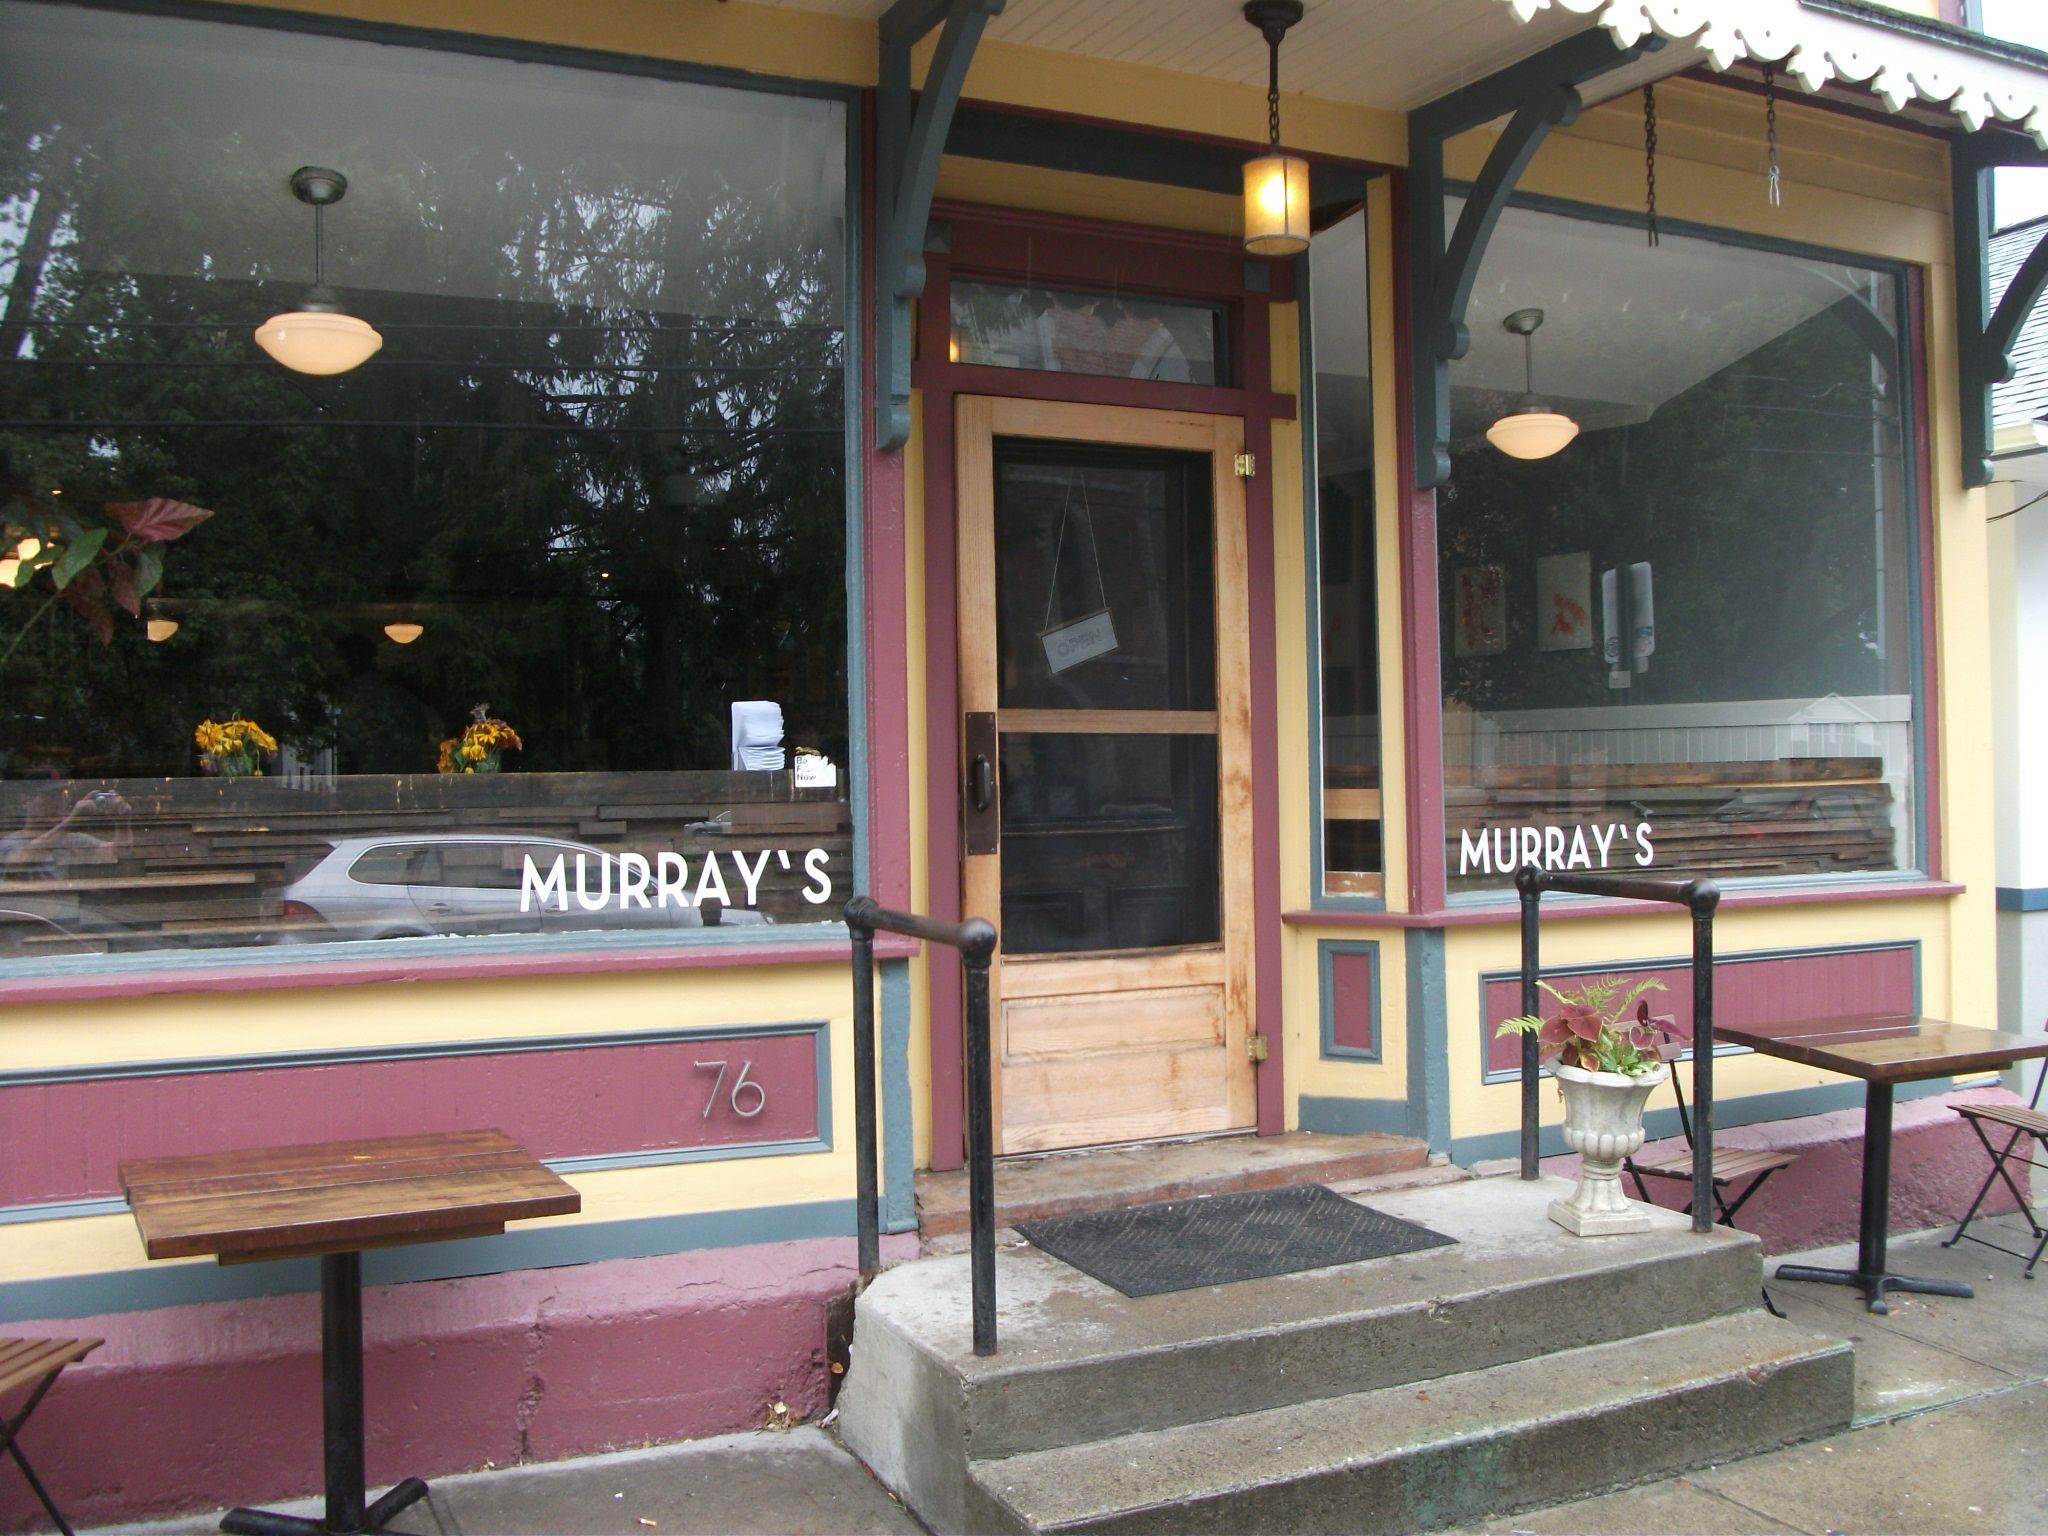 Murray's - Exterior